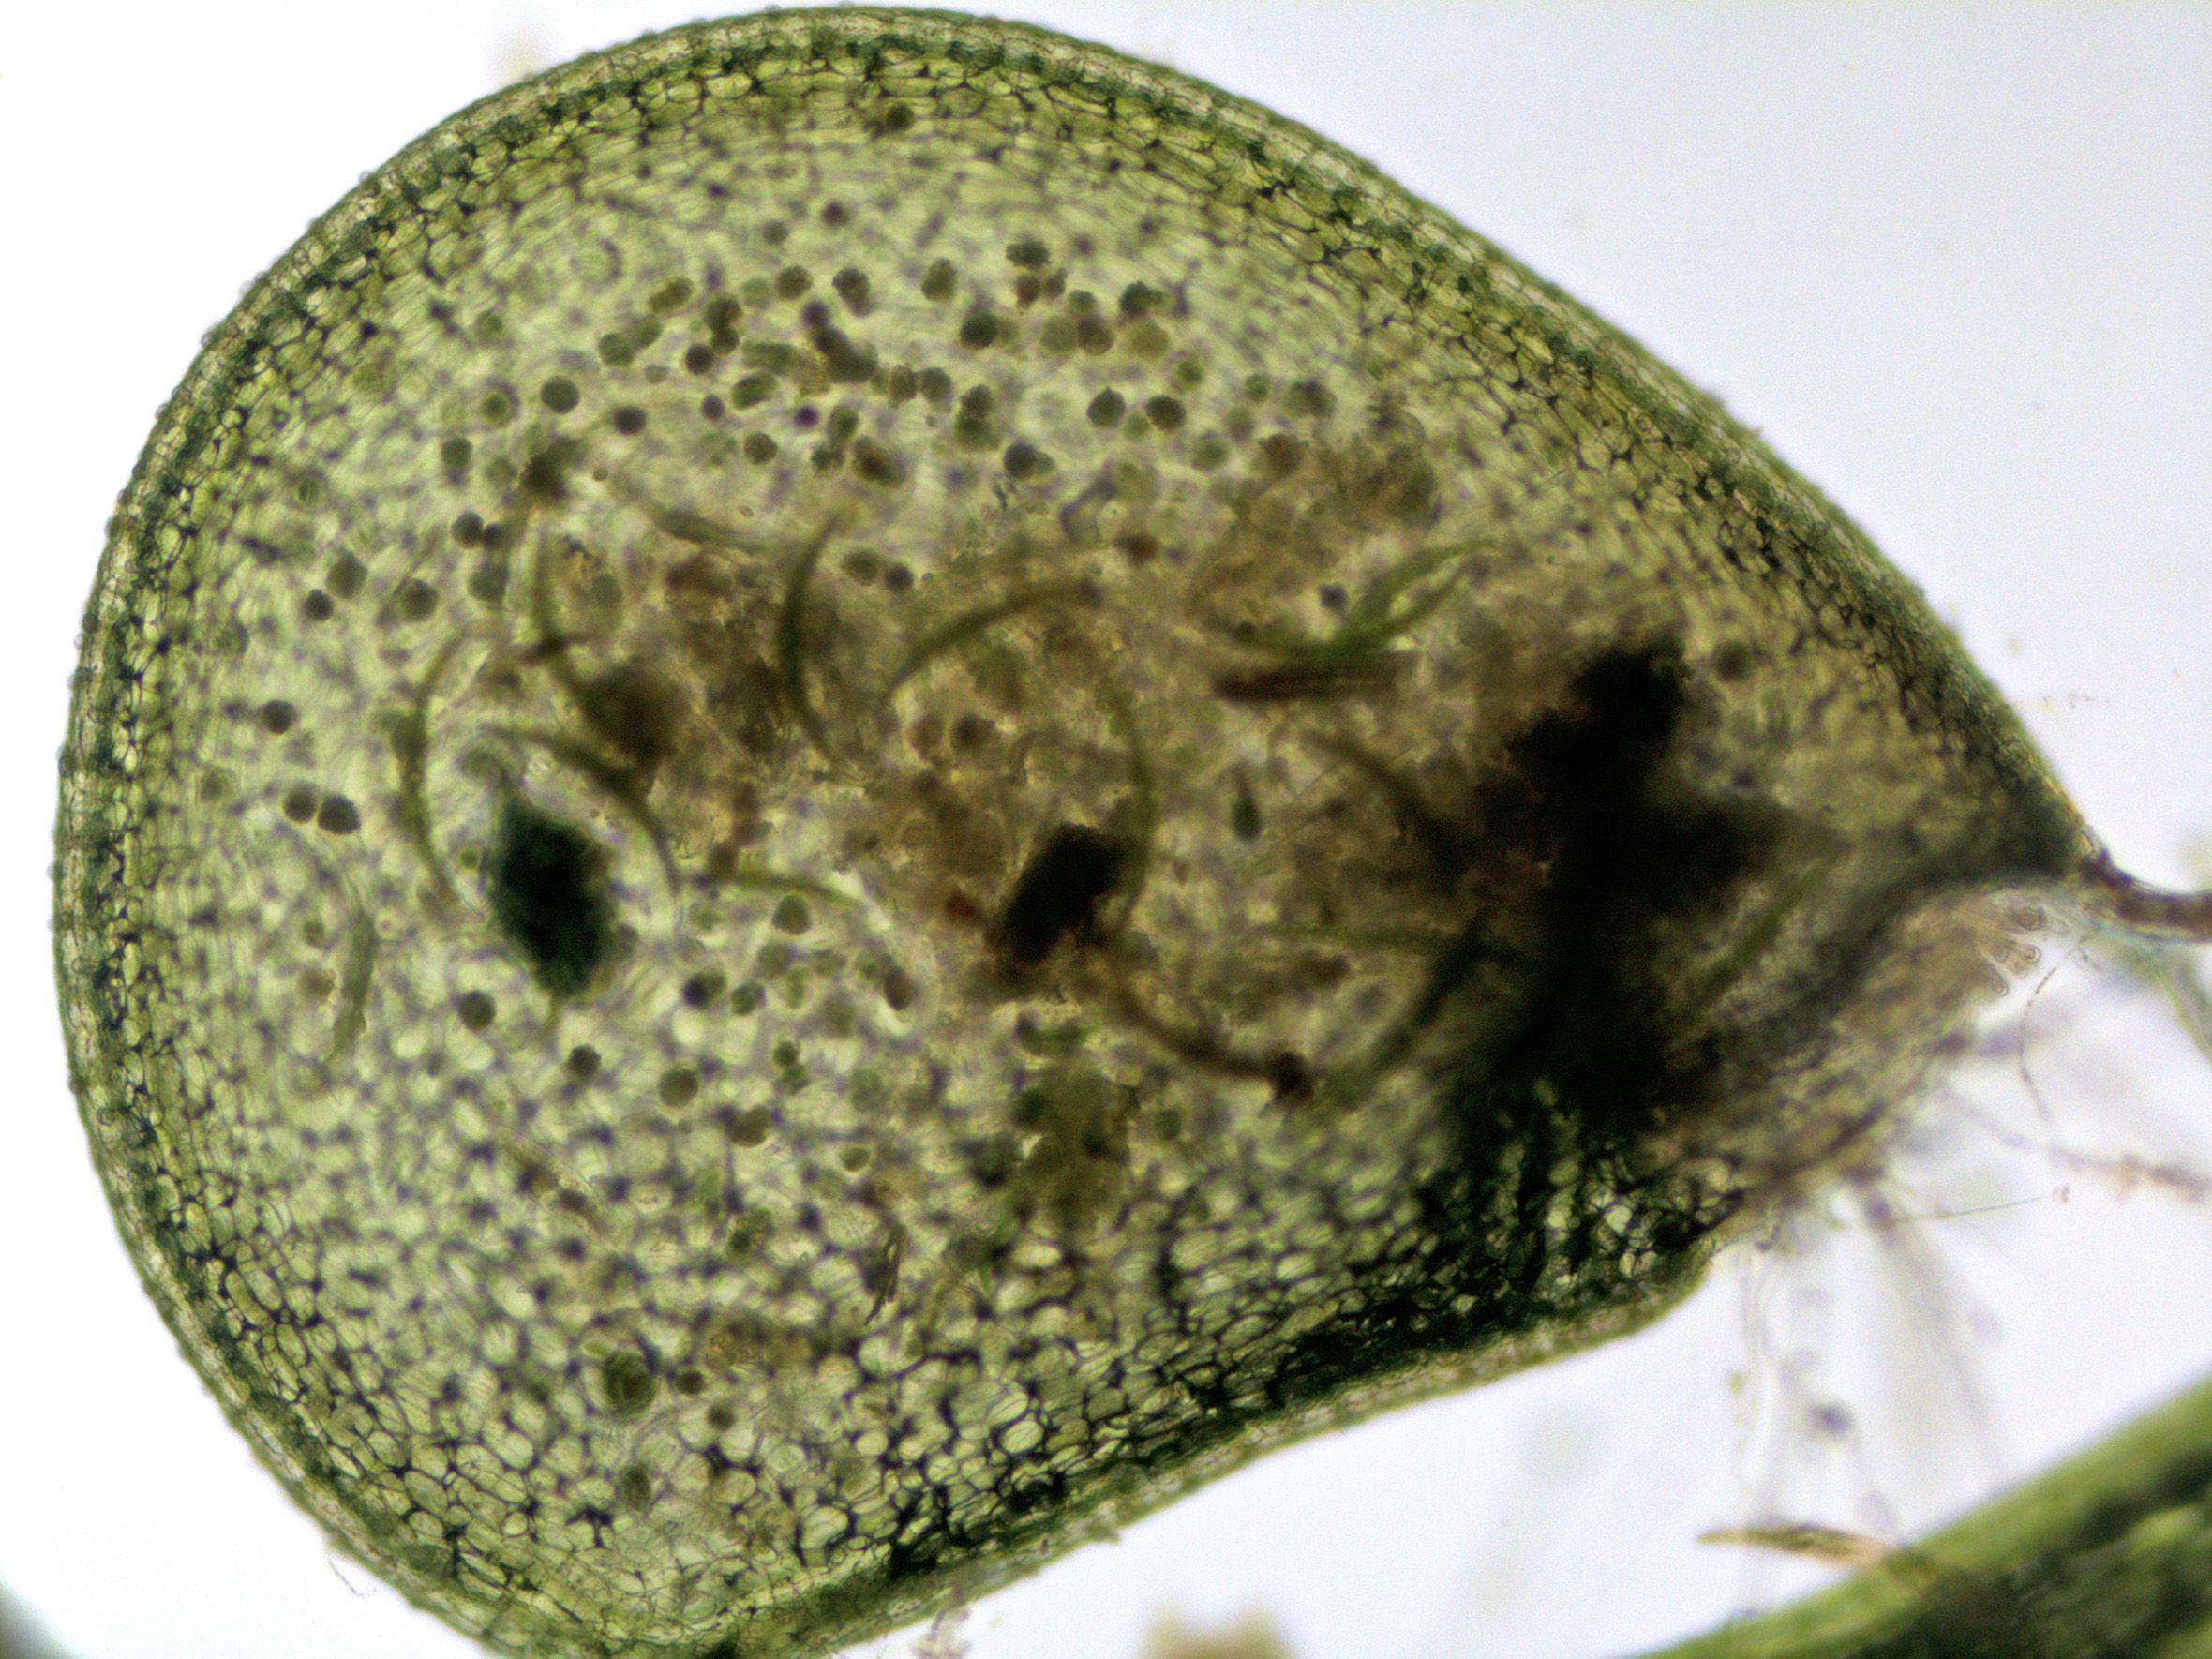 bladderwort-trap